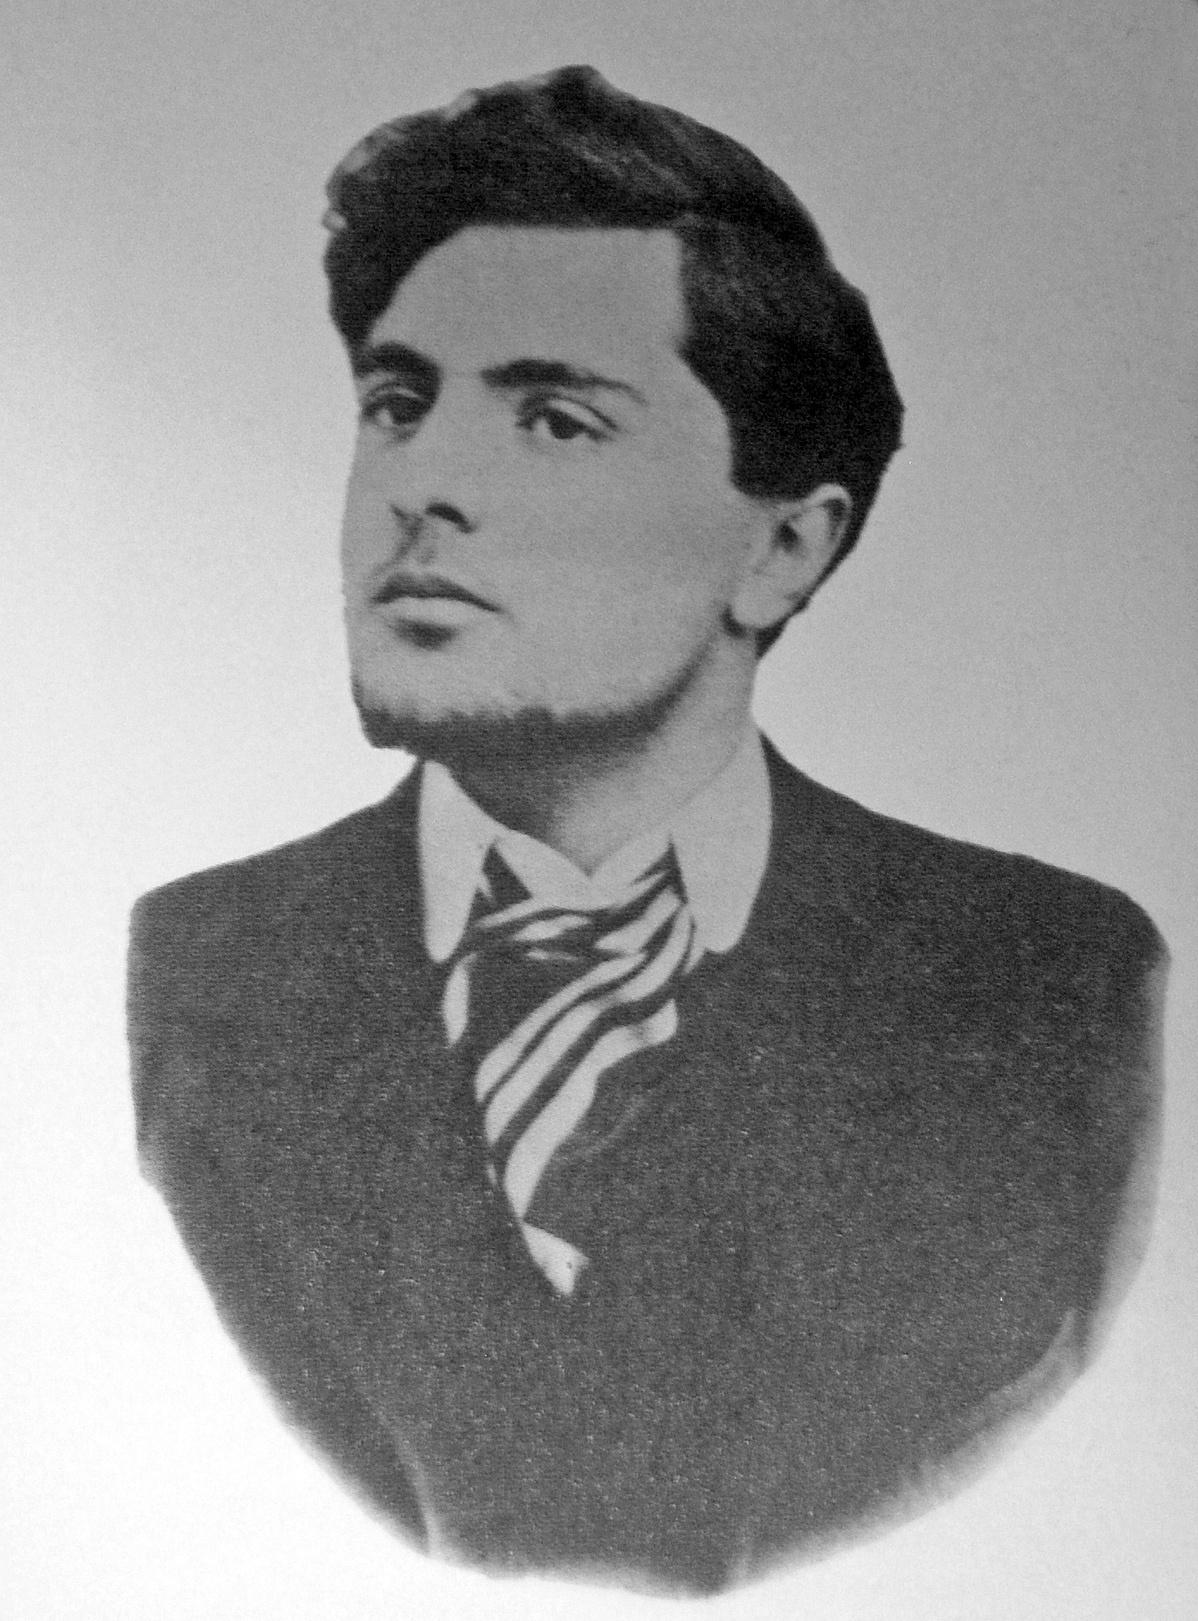 Amedeo-Modigliani-1905-224402.jpg